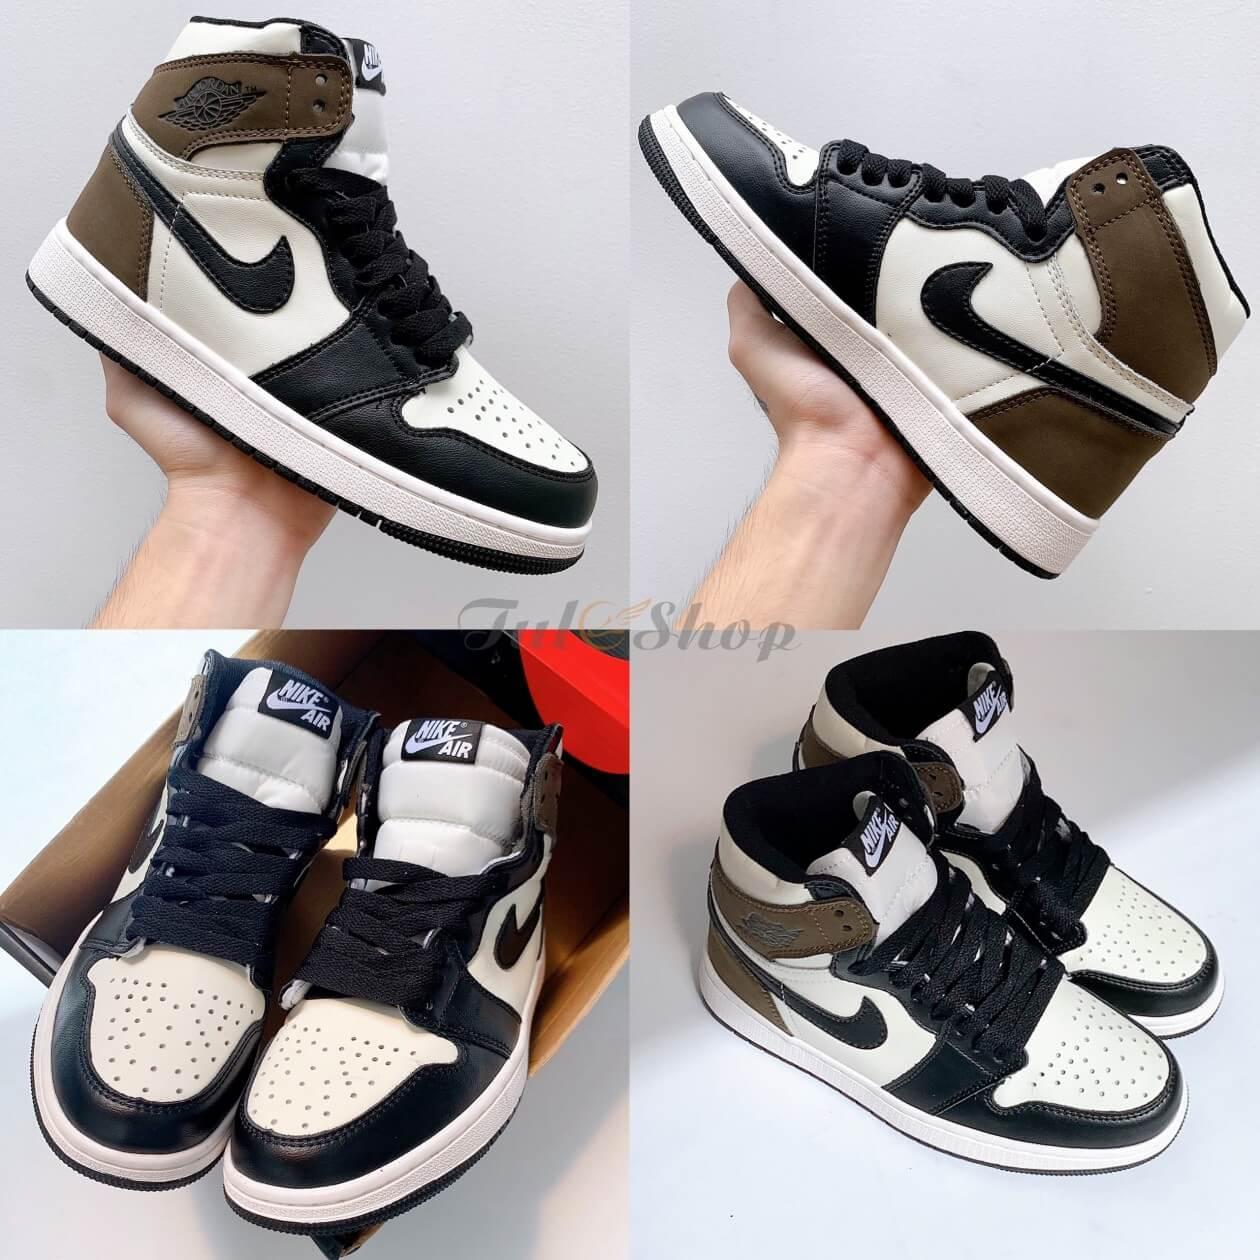 Các mẫu sneaker Nike Jordan 1 đáng mua